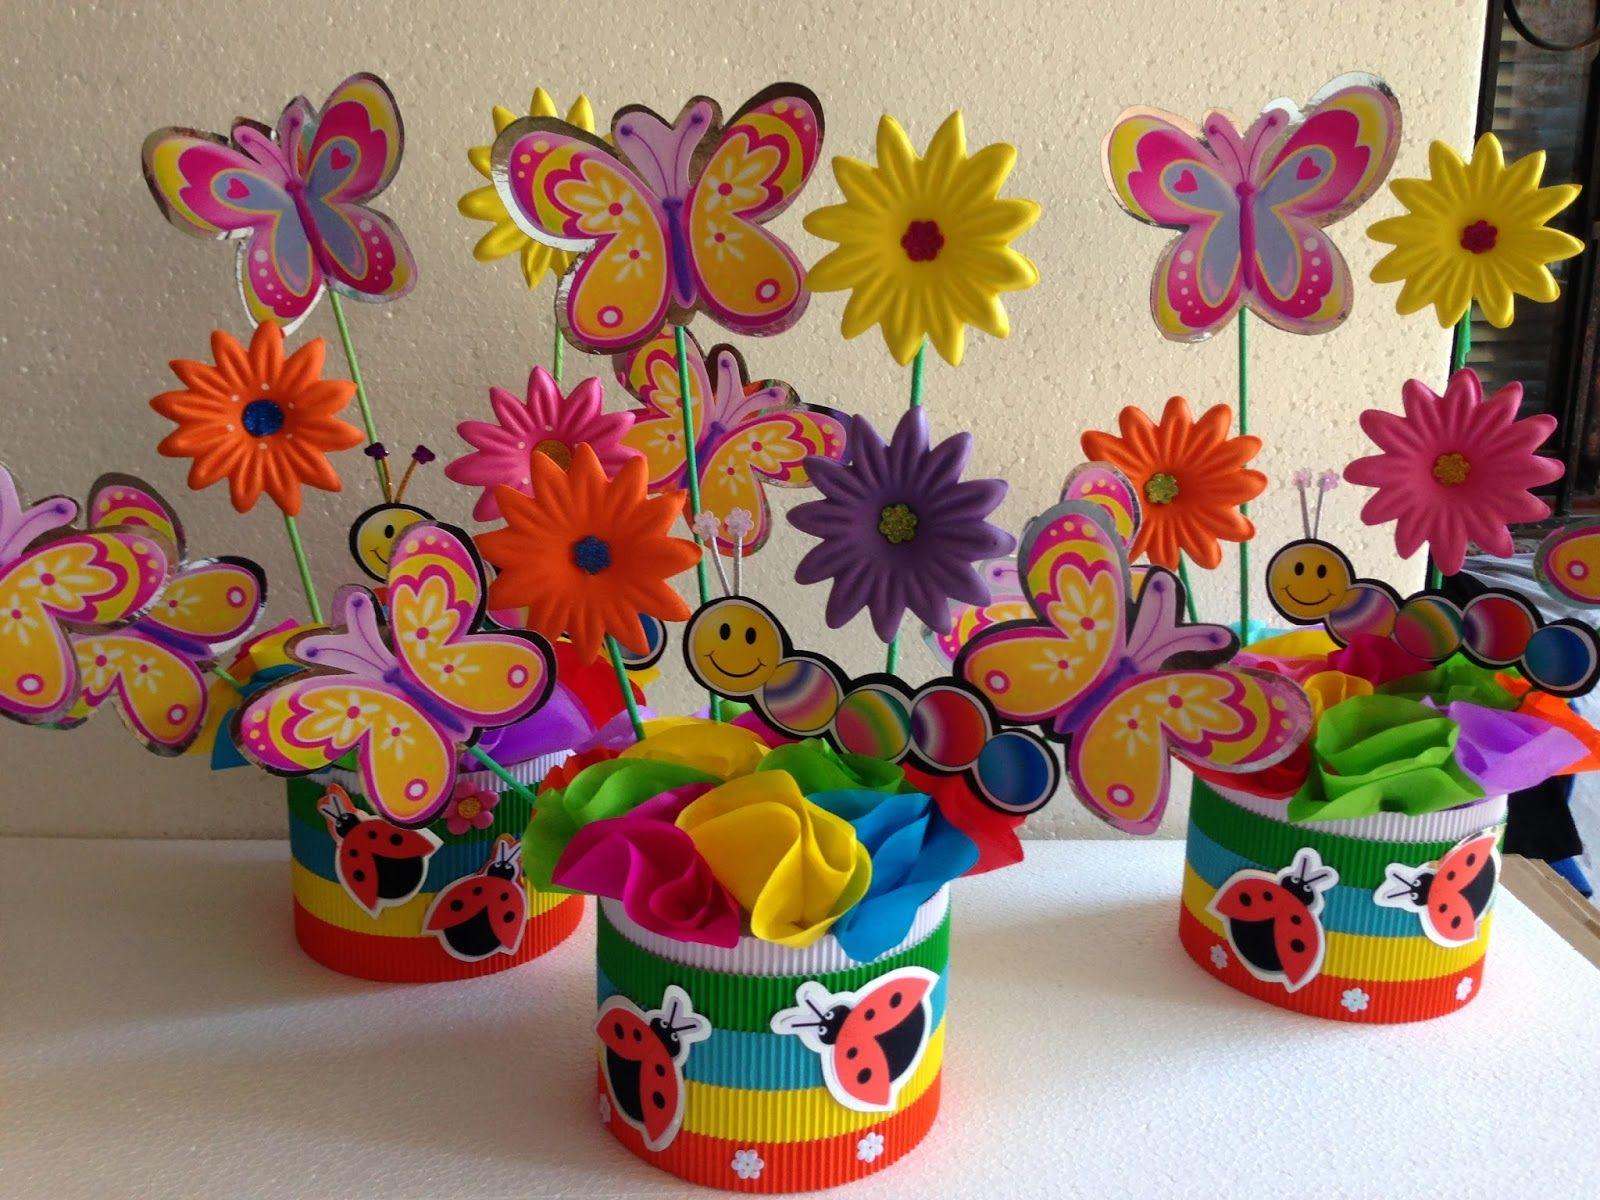 Decoraciones de fiestas mariposas y flores buscar con for Decoracion de pinatas infantiles